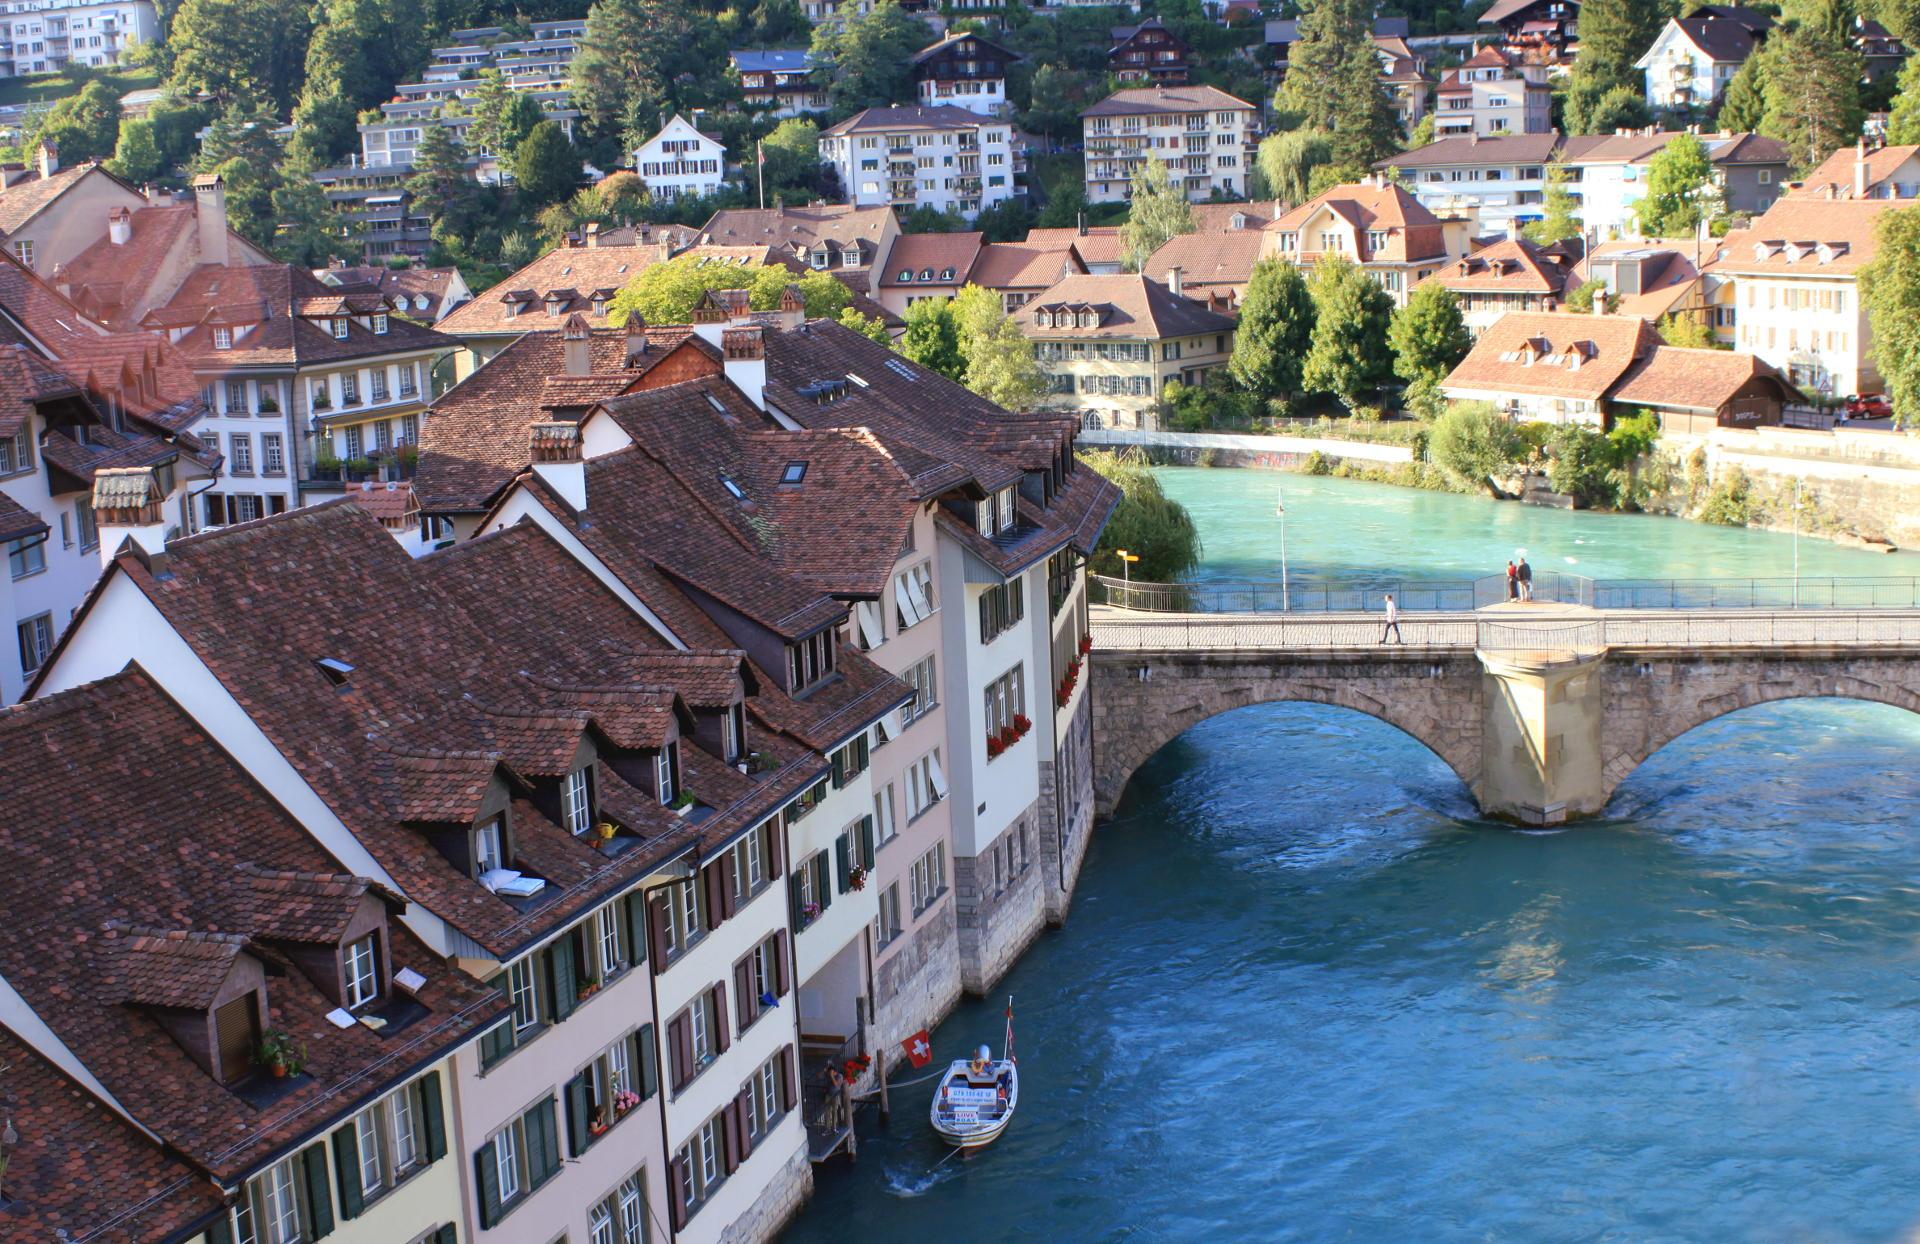 szwajcaria berno bern rzeka aare most widok staremiasto stolica iglawpodrozy